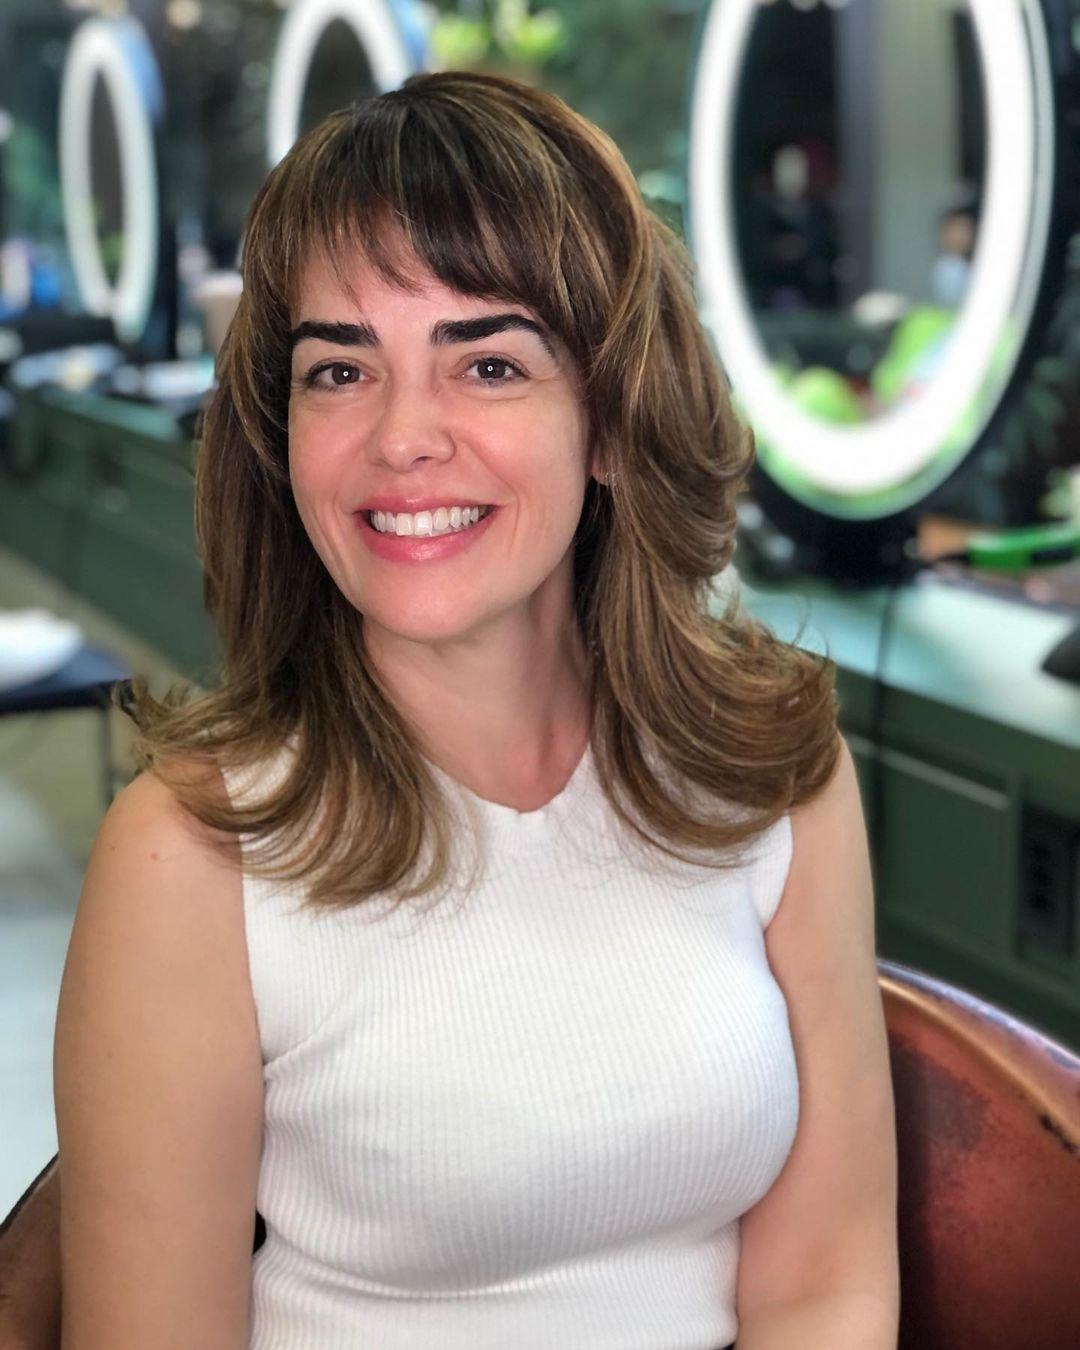 Medium haircut 12